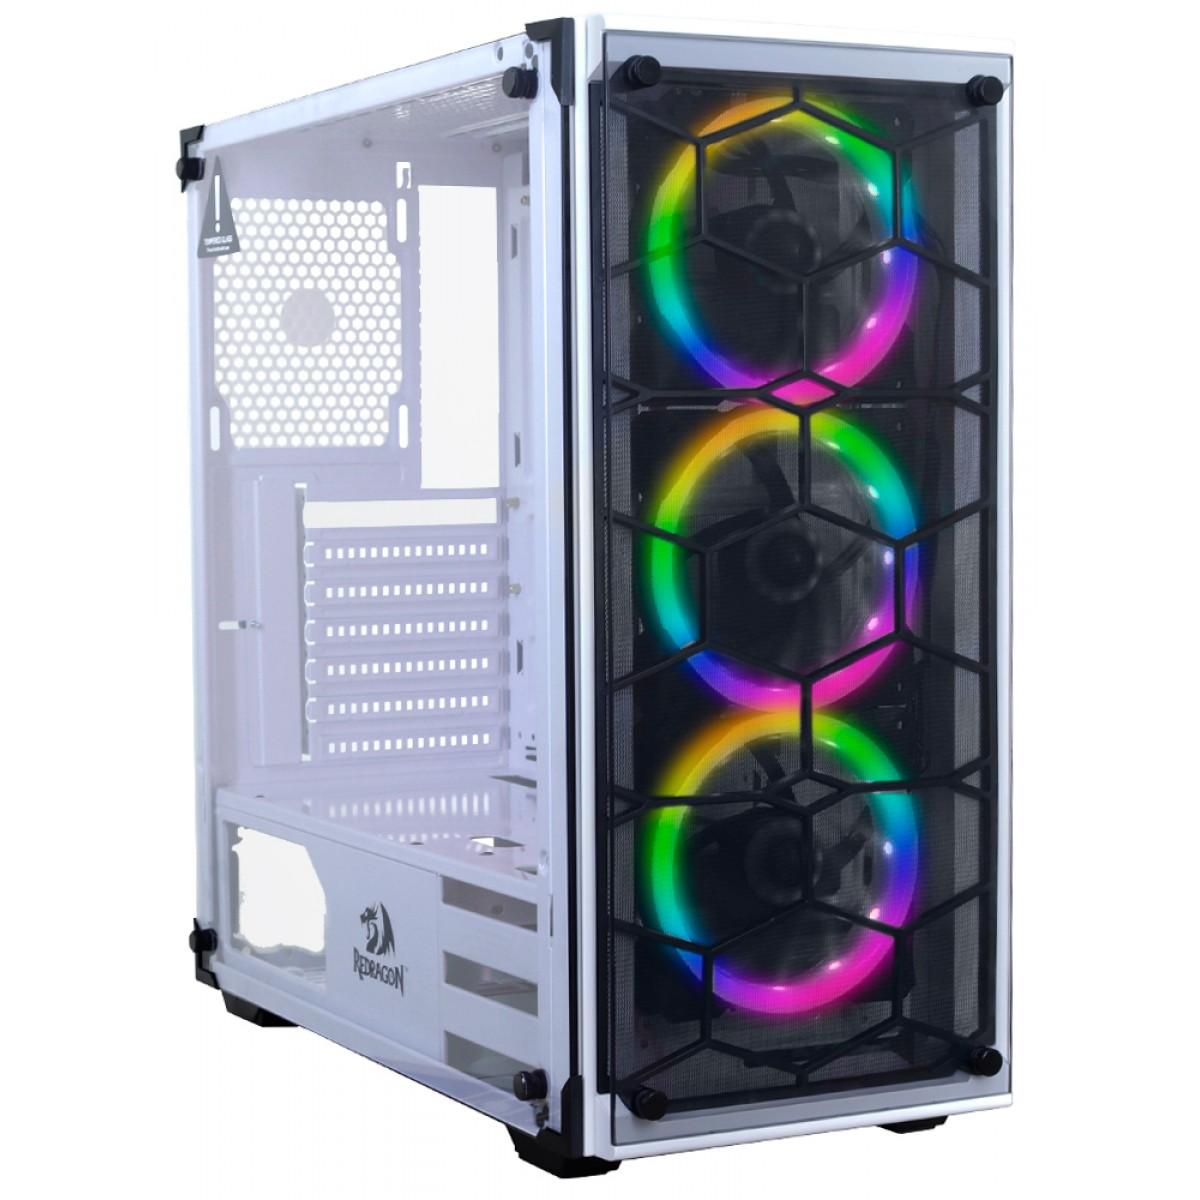 Pc Gamer T-Moba Dominator Lvl-4 Intel I3 9100F / Radeon Rx 560 4GB / DDR4 8GB / HD 1TB